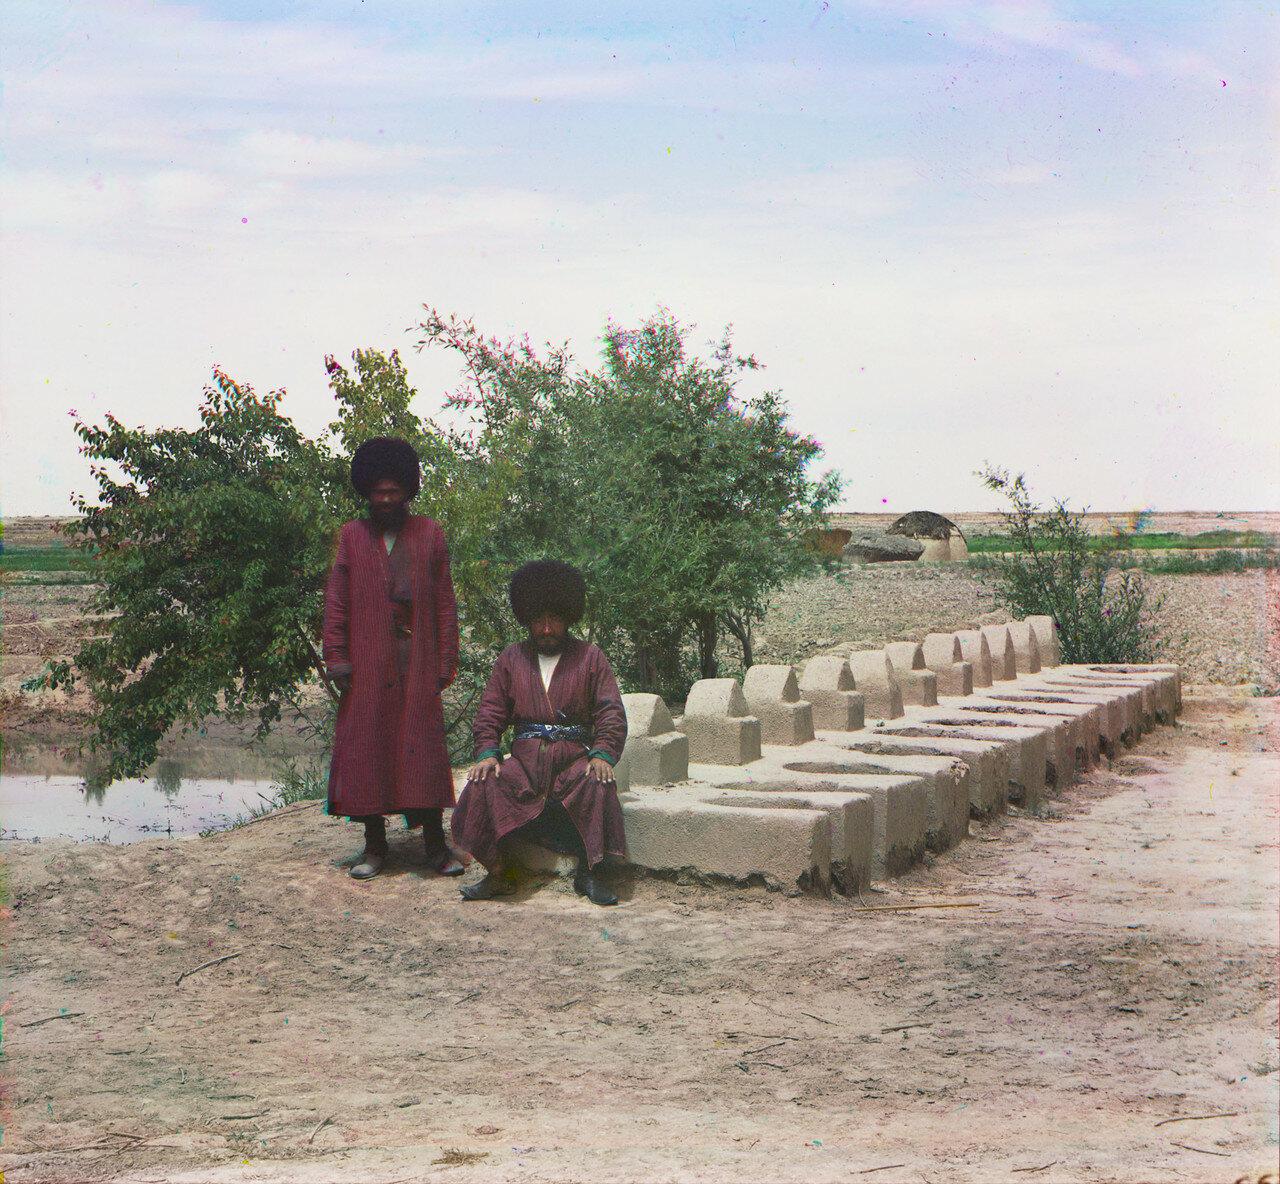 Окрестности Мерва. Близ Байрам-Али. Печи для плова